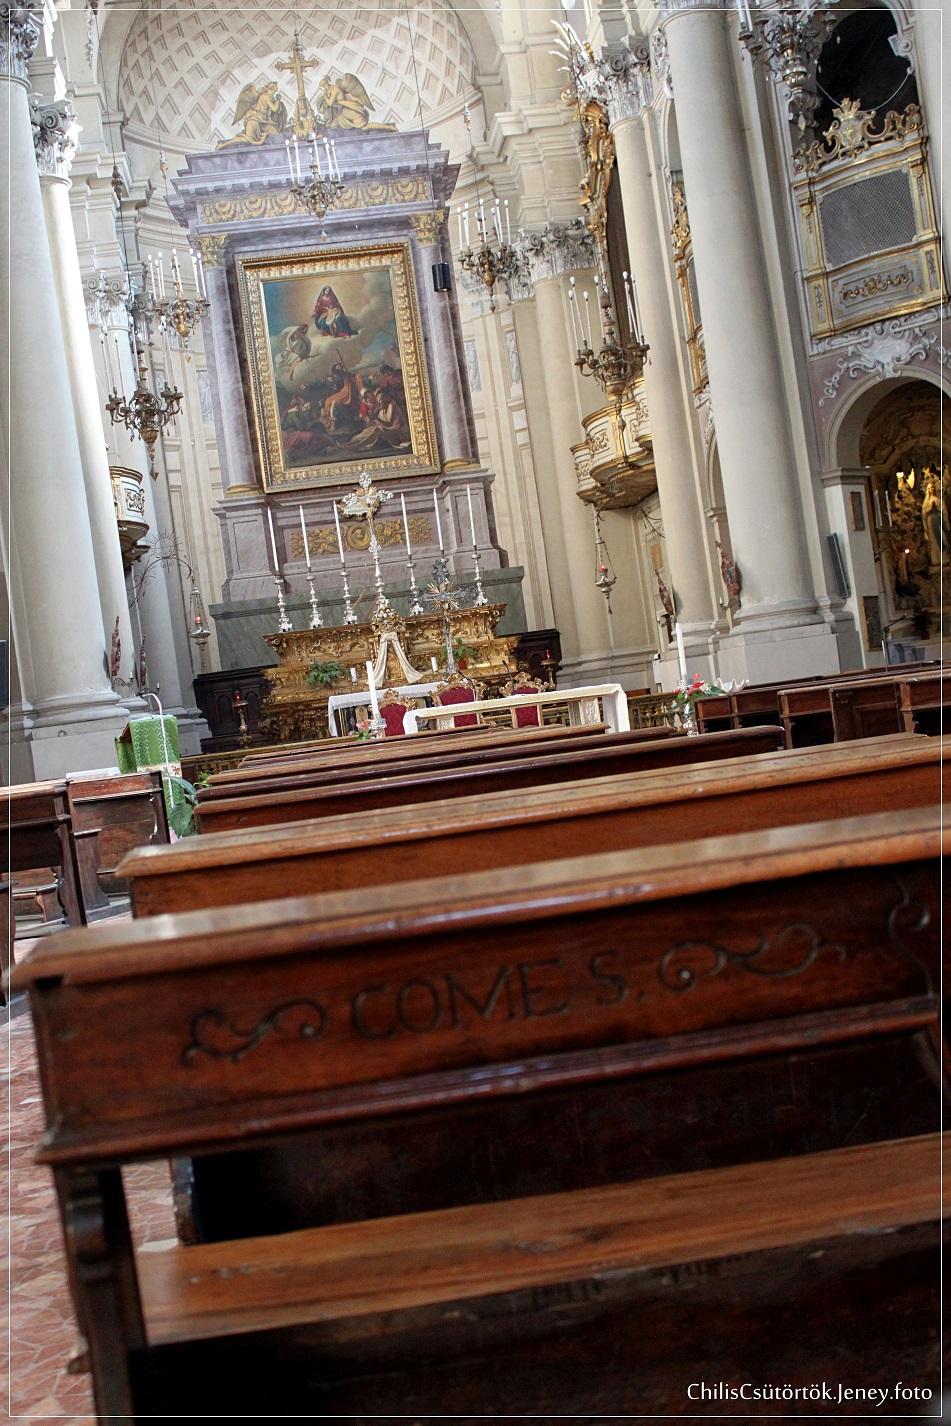 Chiesa di San Rocco o Chiesa Cattolica dei Gesuiti